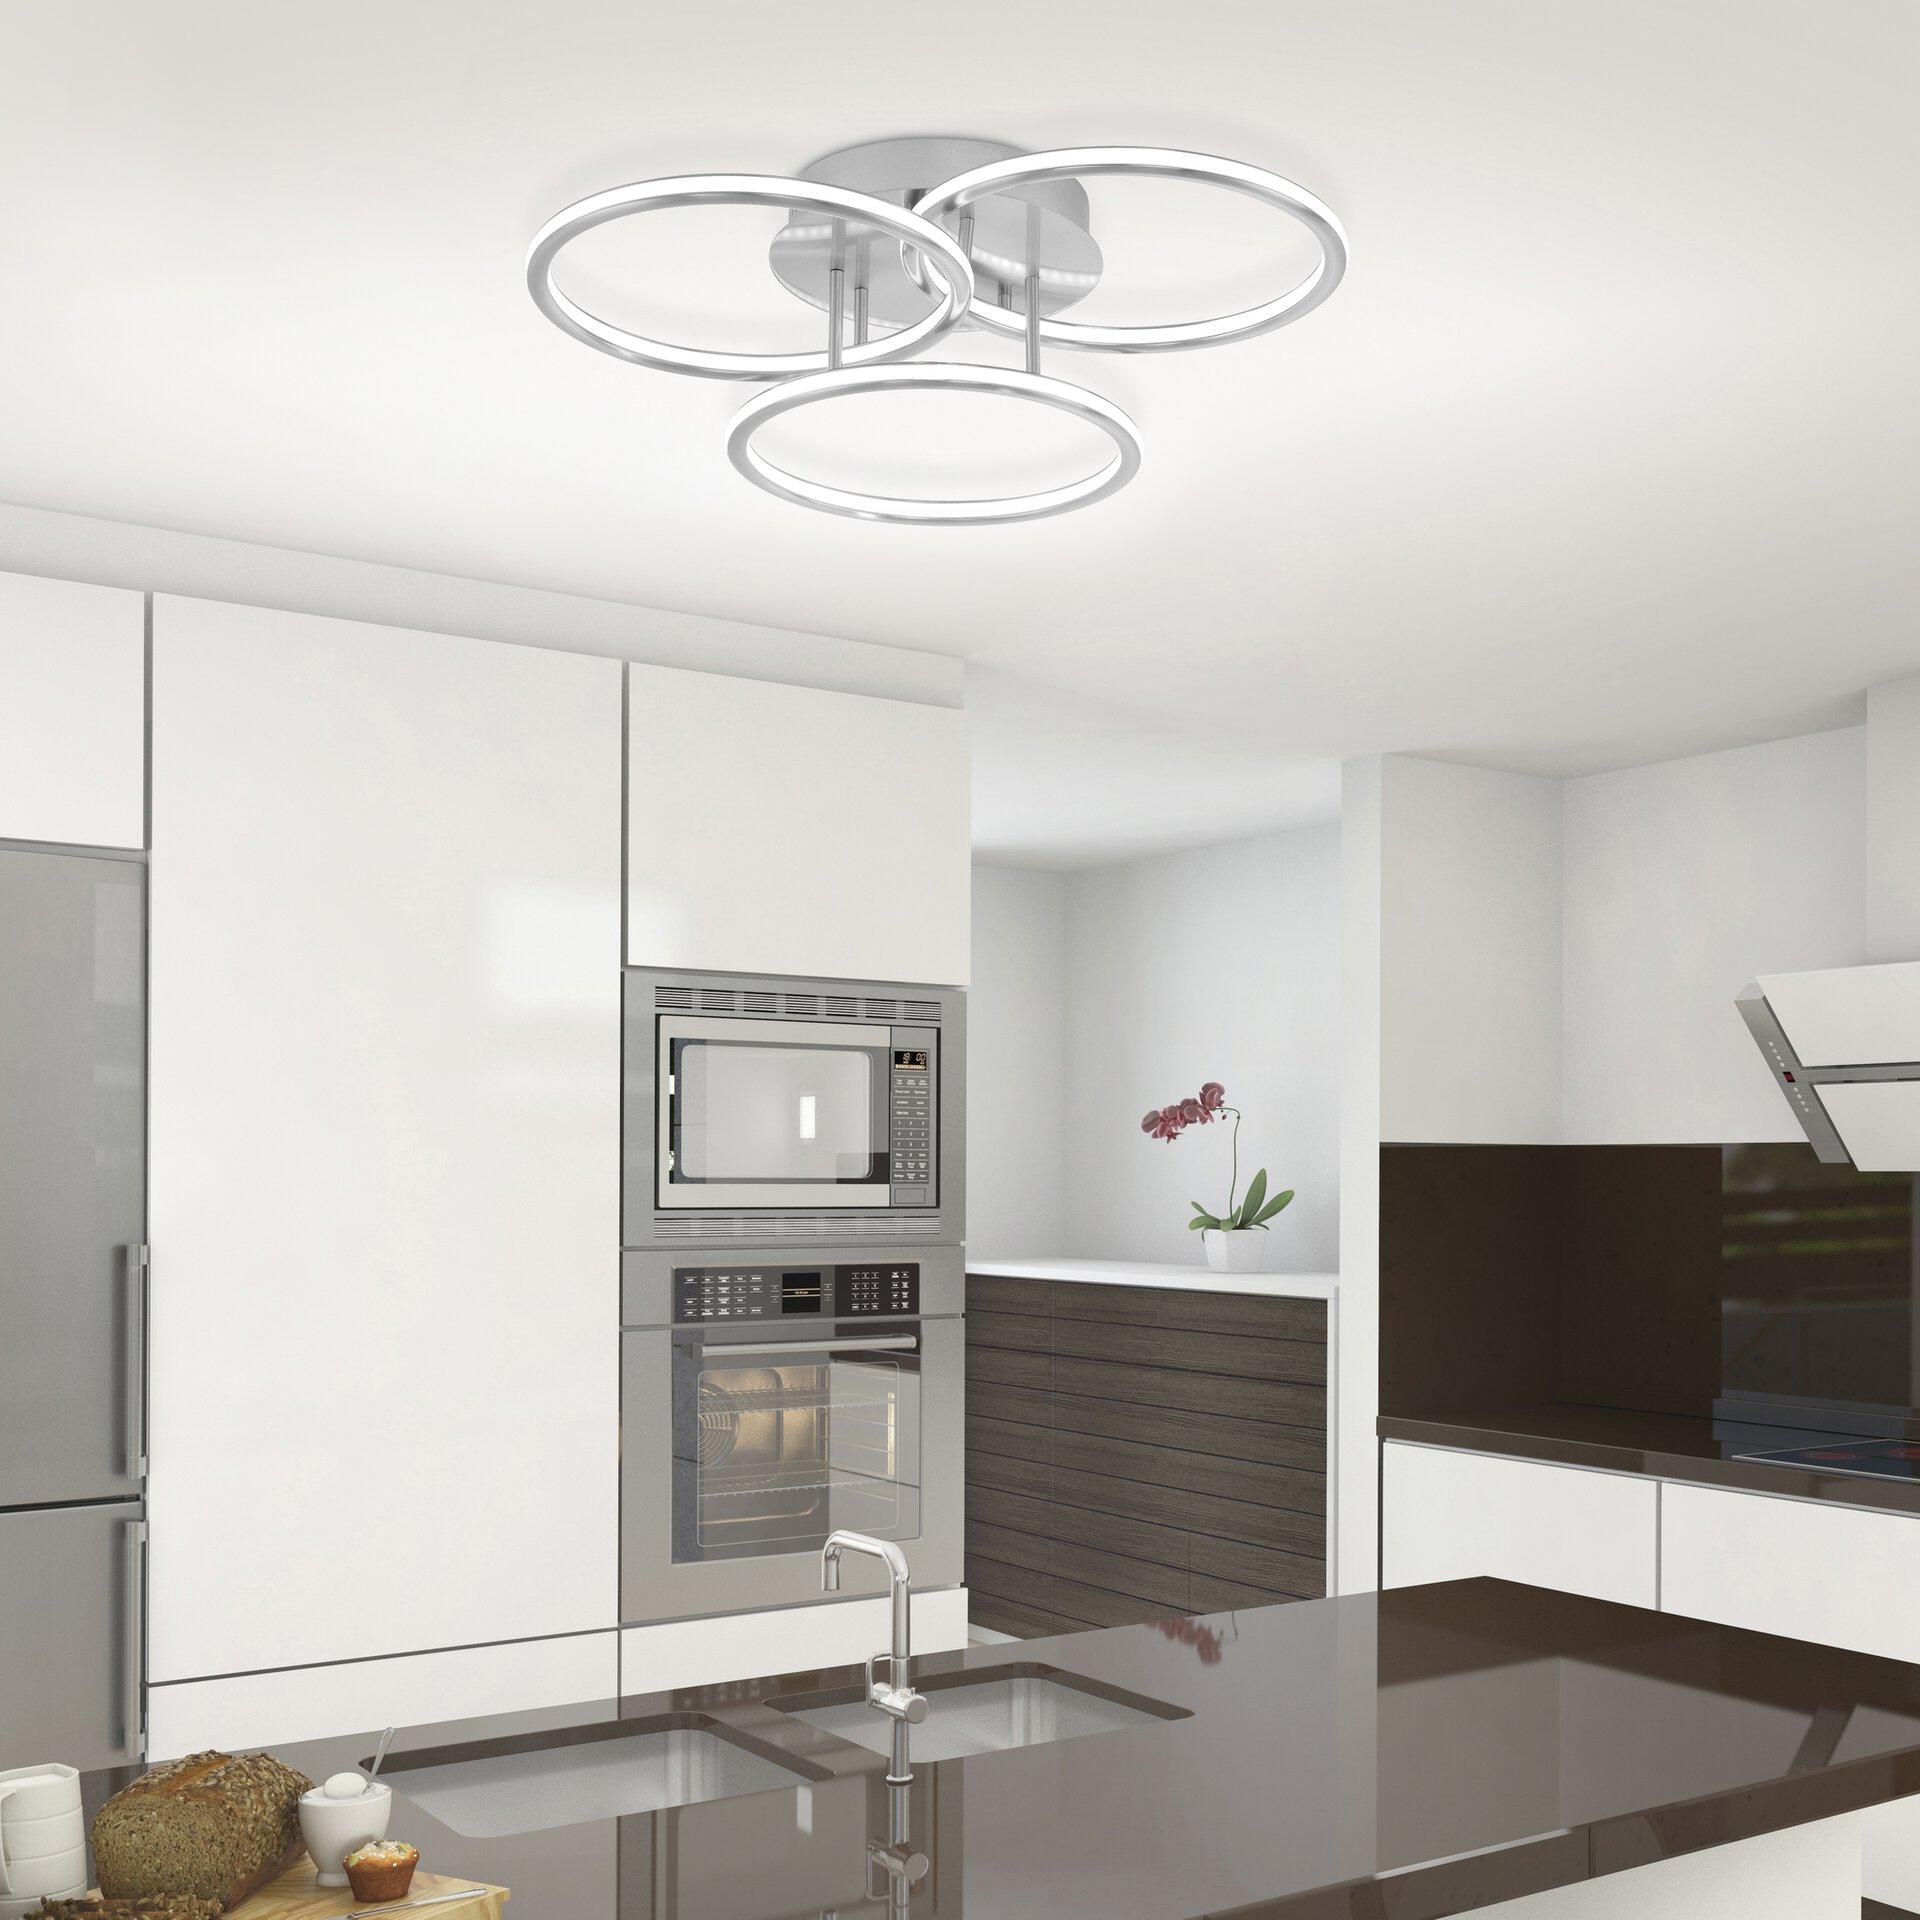 Smart-Home-Leuchten Q-NEVIO Paul Neuhaus Metall 56 x 13 x 56 cm